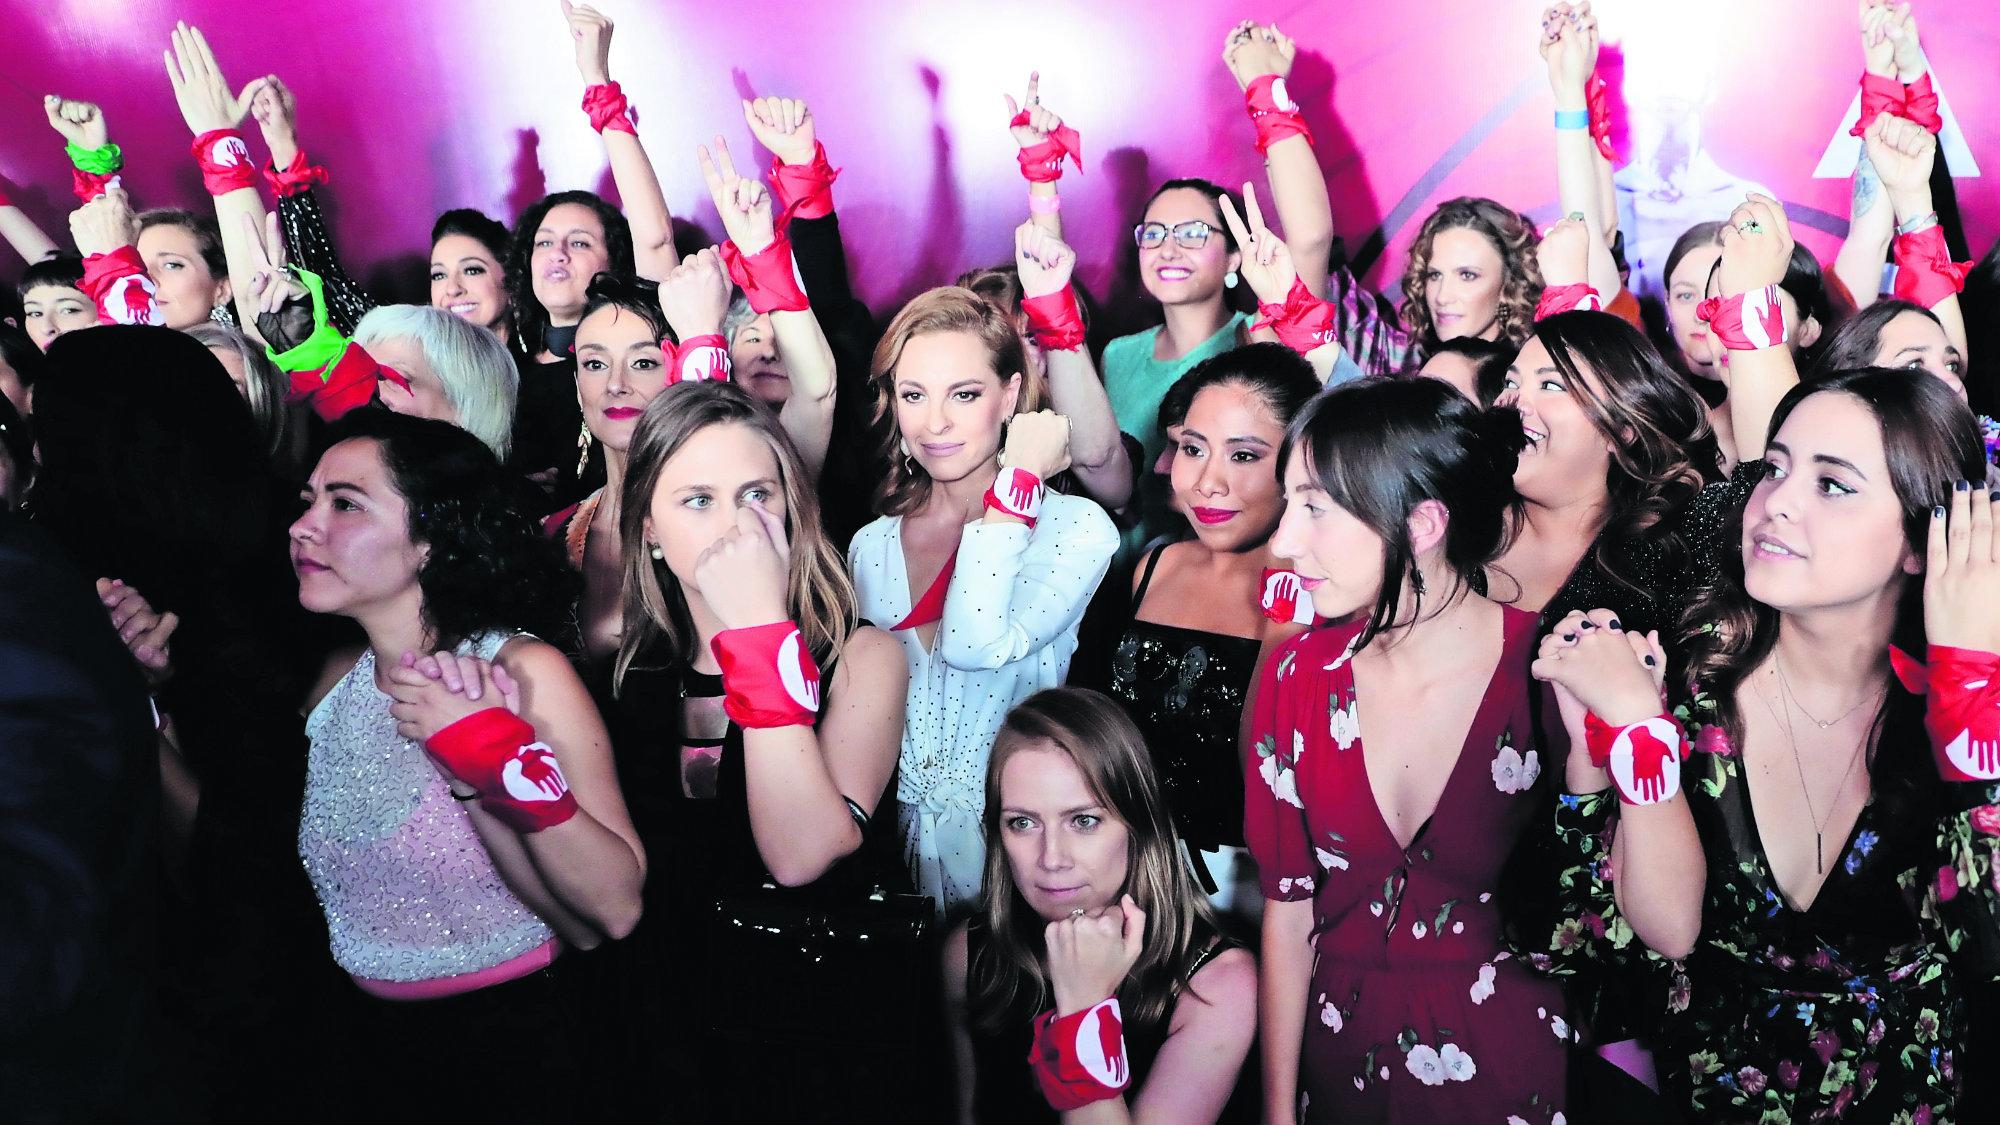 YaEsHora la iniciativa que busca igualdad en la industria fílmica